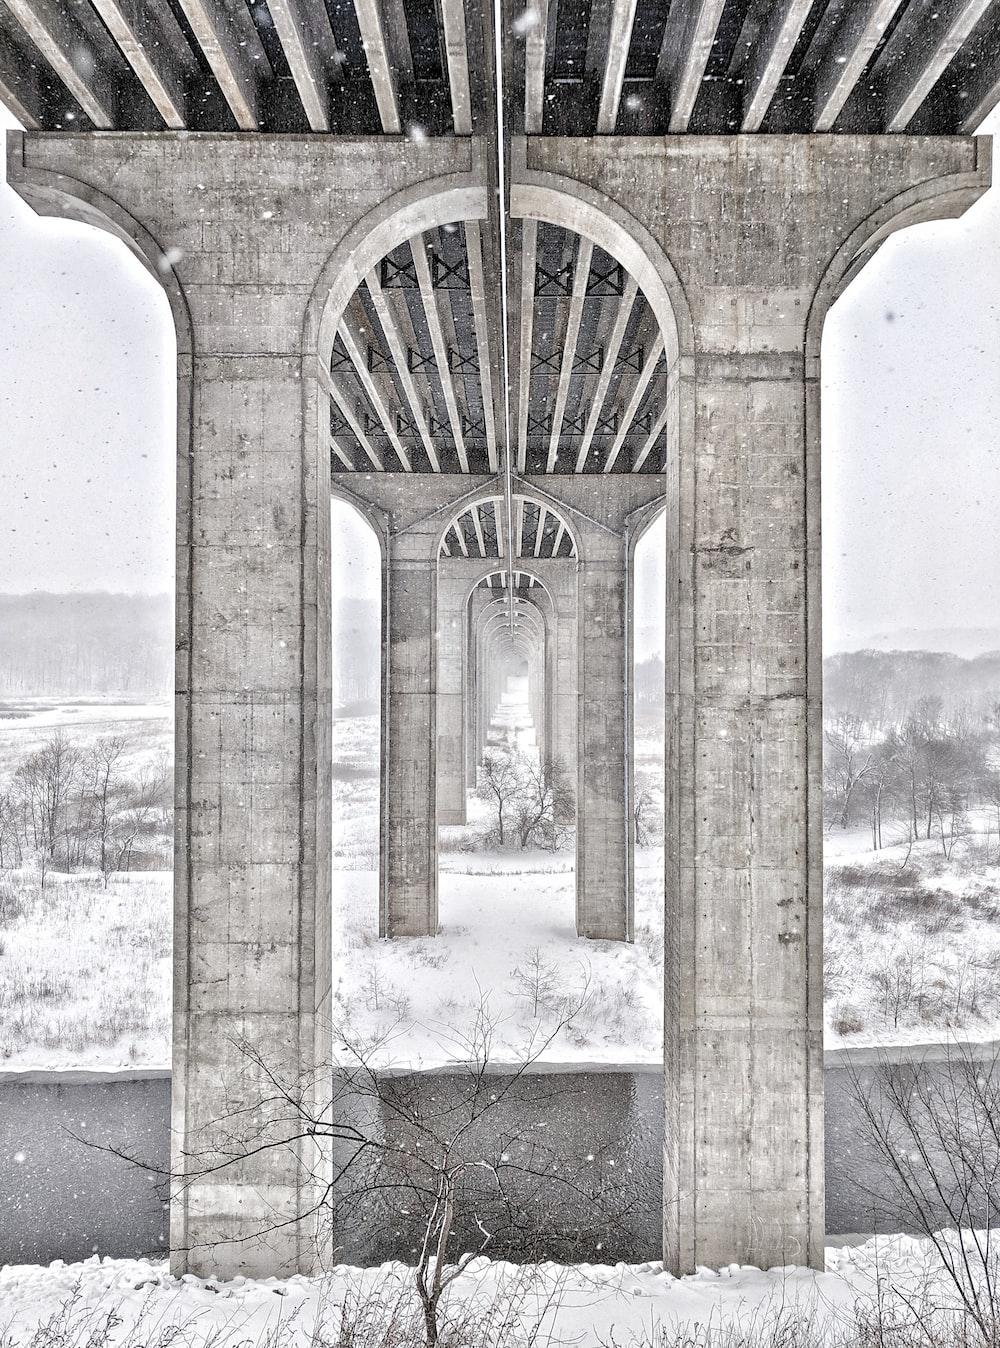 gray concrete bridge with snow